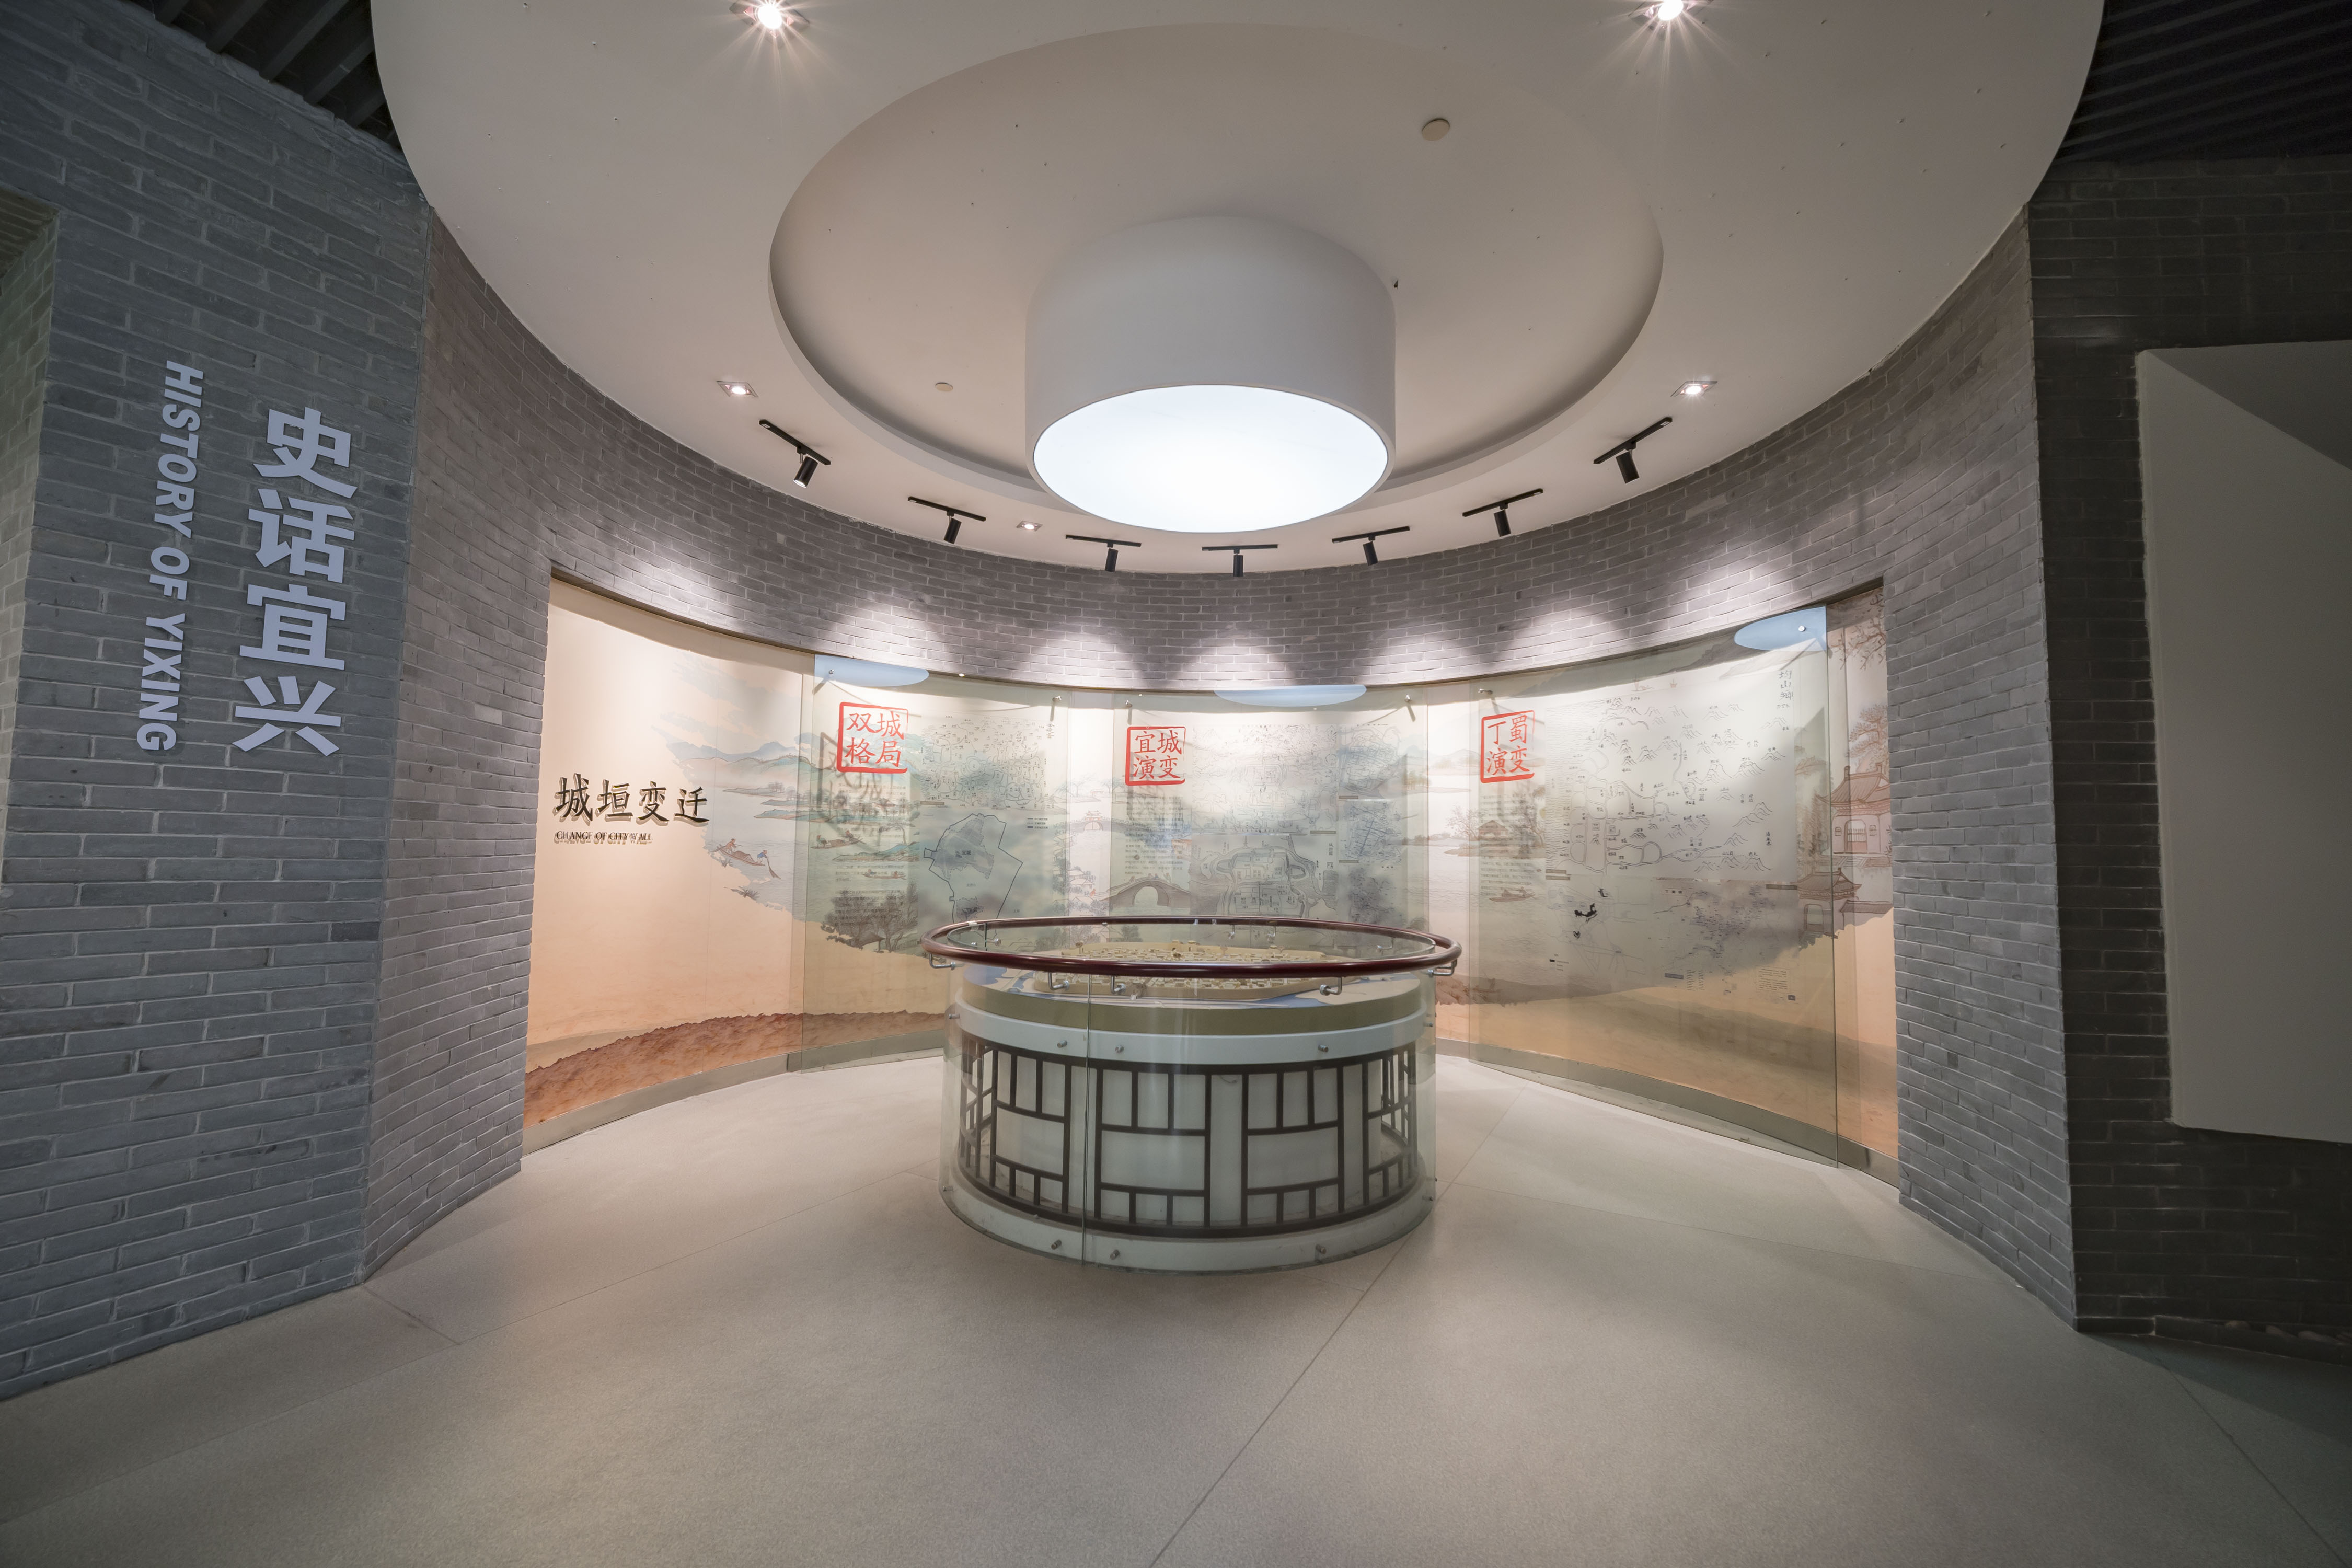 宜兴规划展示馆2